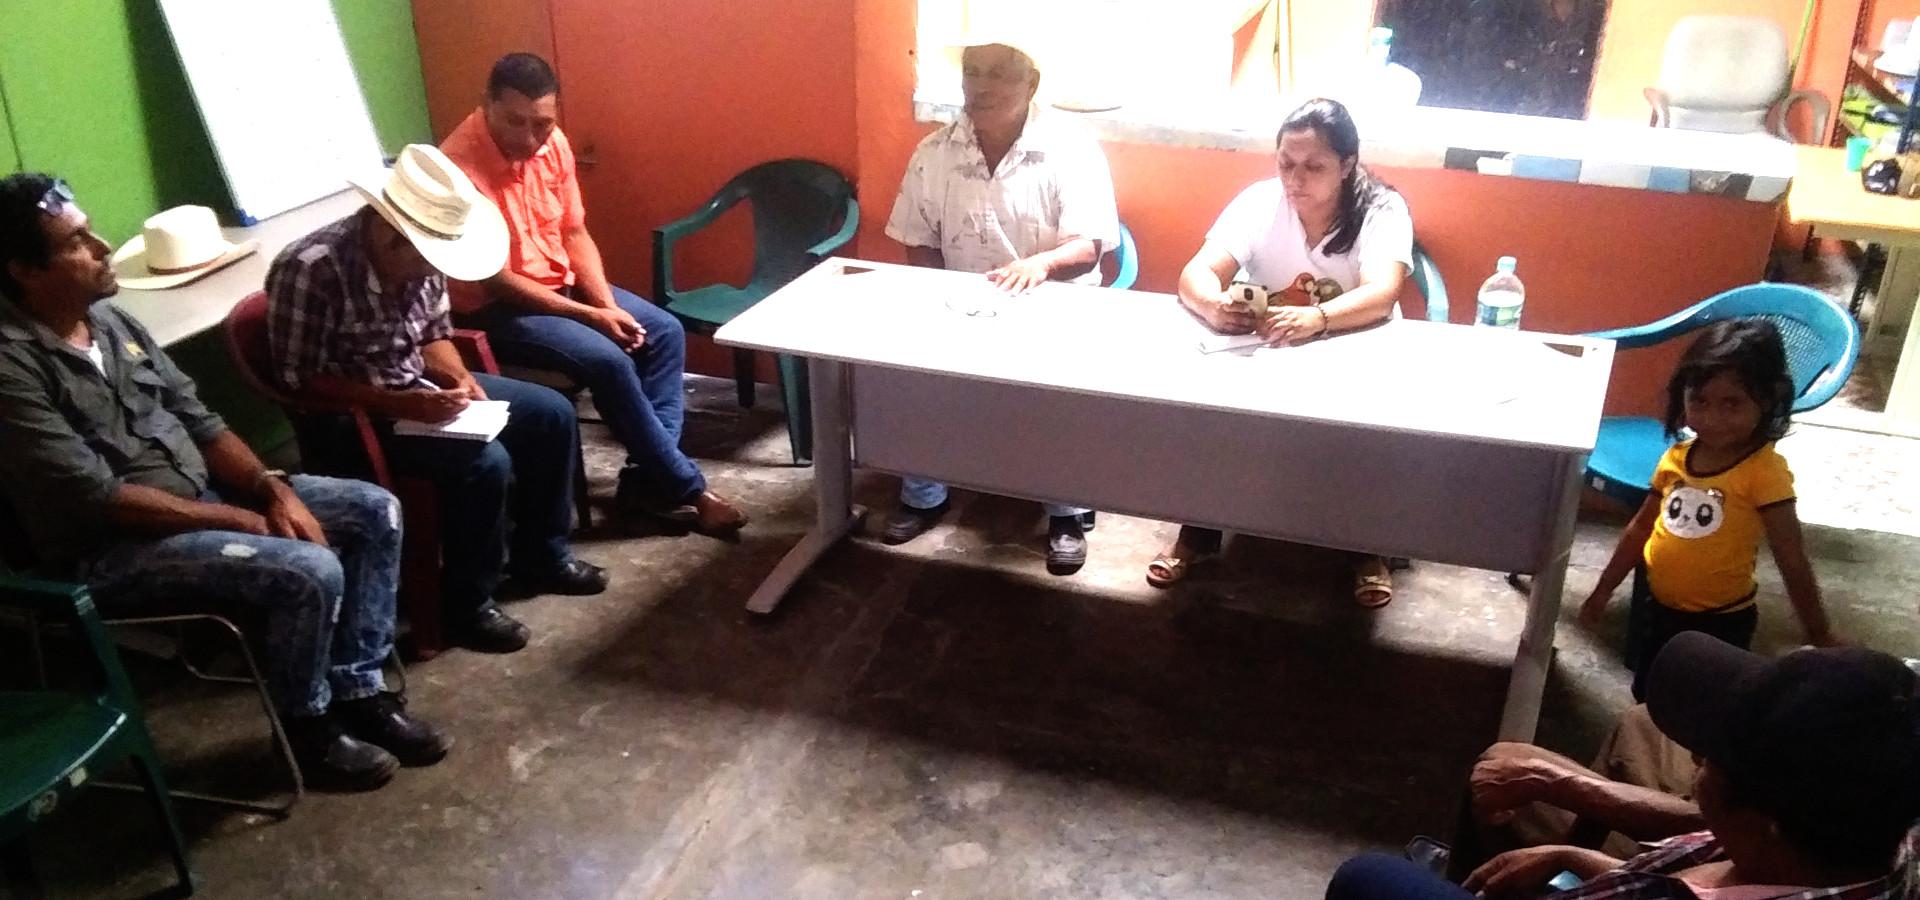 Ch'orti's en Honduras buscan ampliar consciencia colectiva